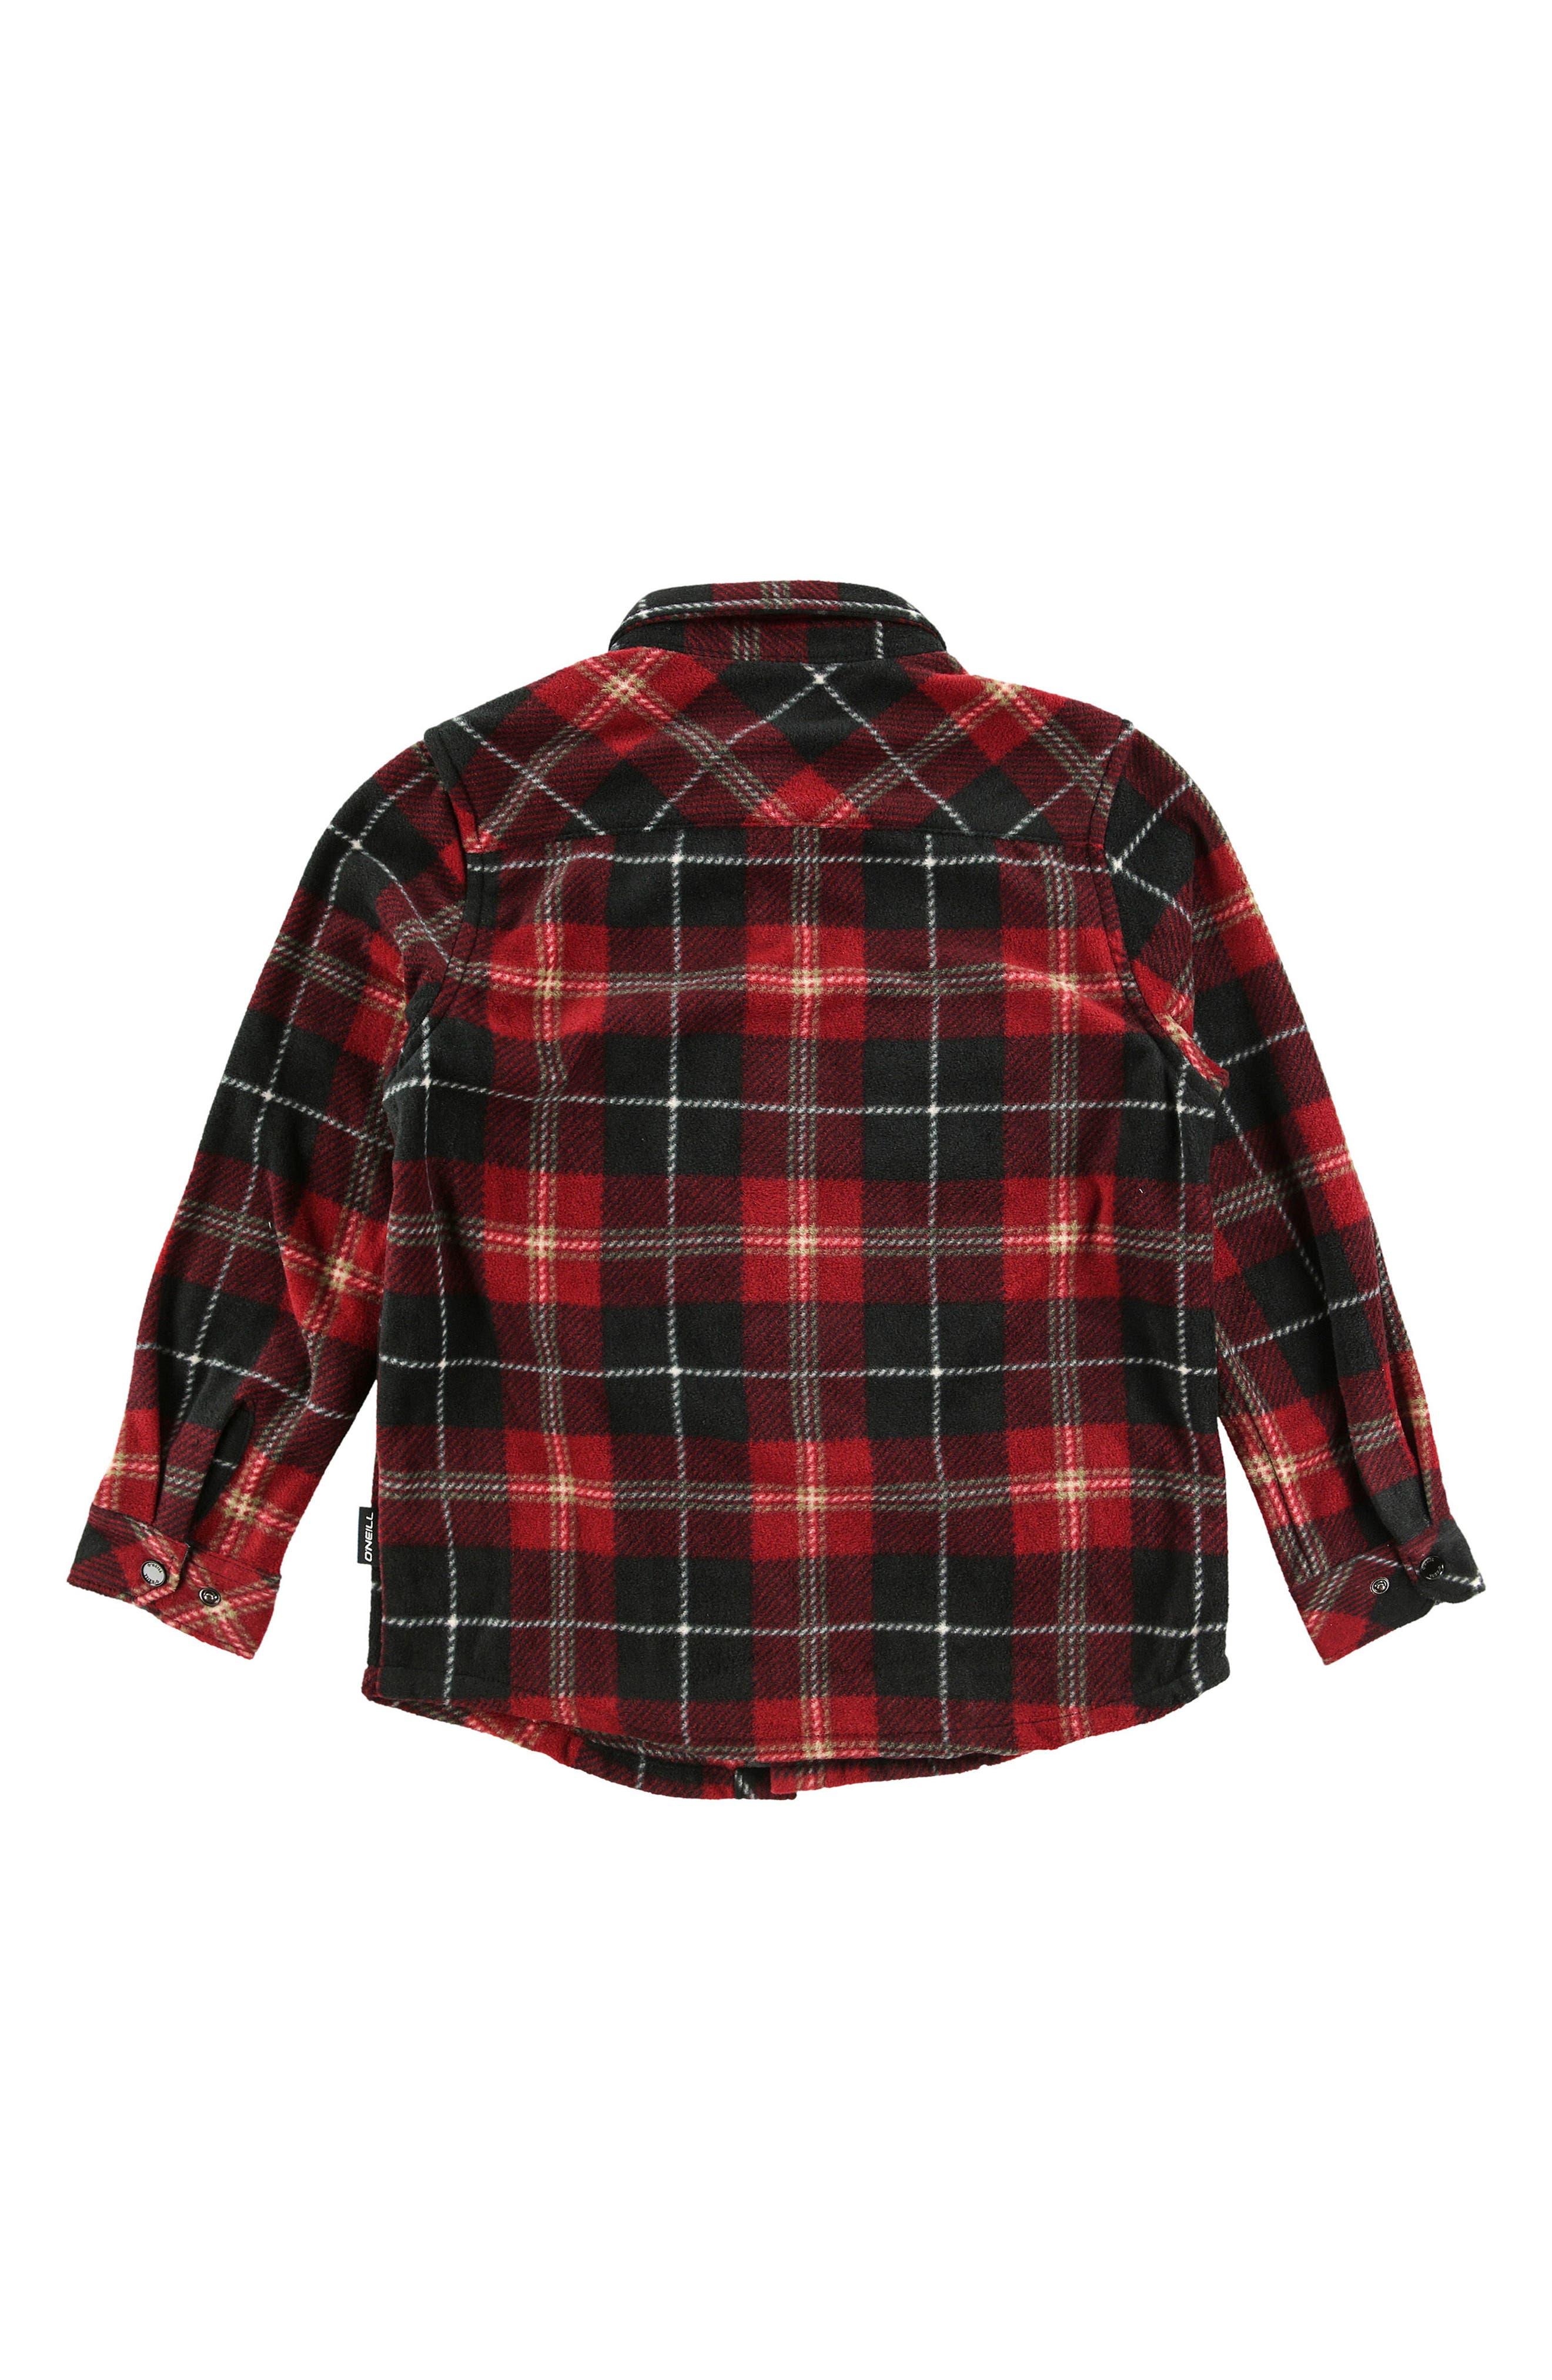 Glacier Plaid Shirt,                         Main,                         color, 001